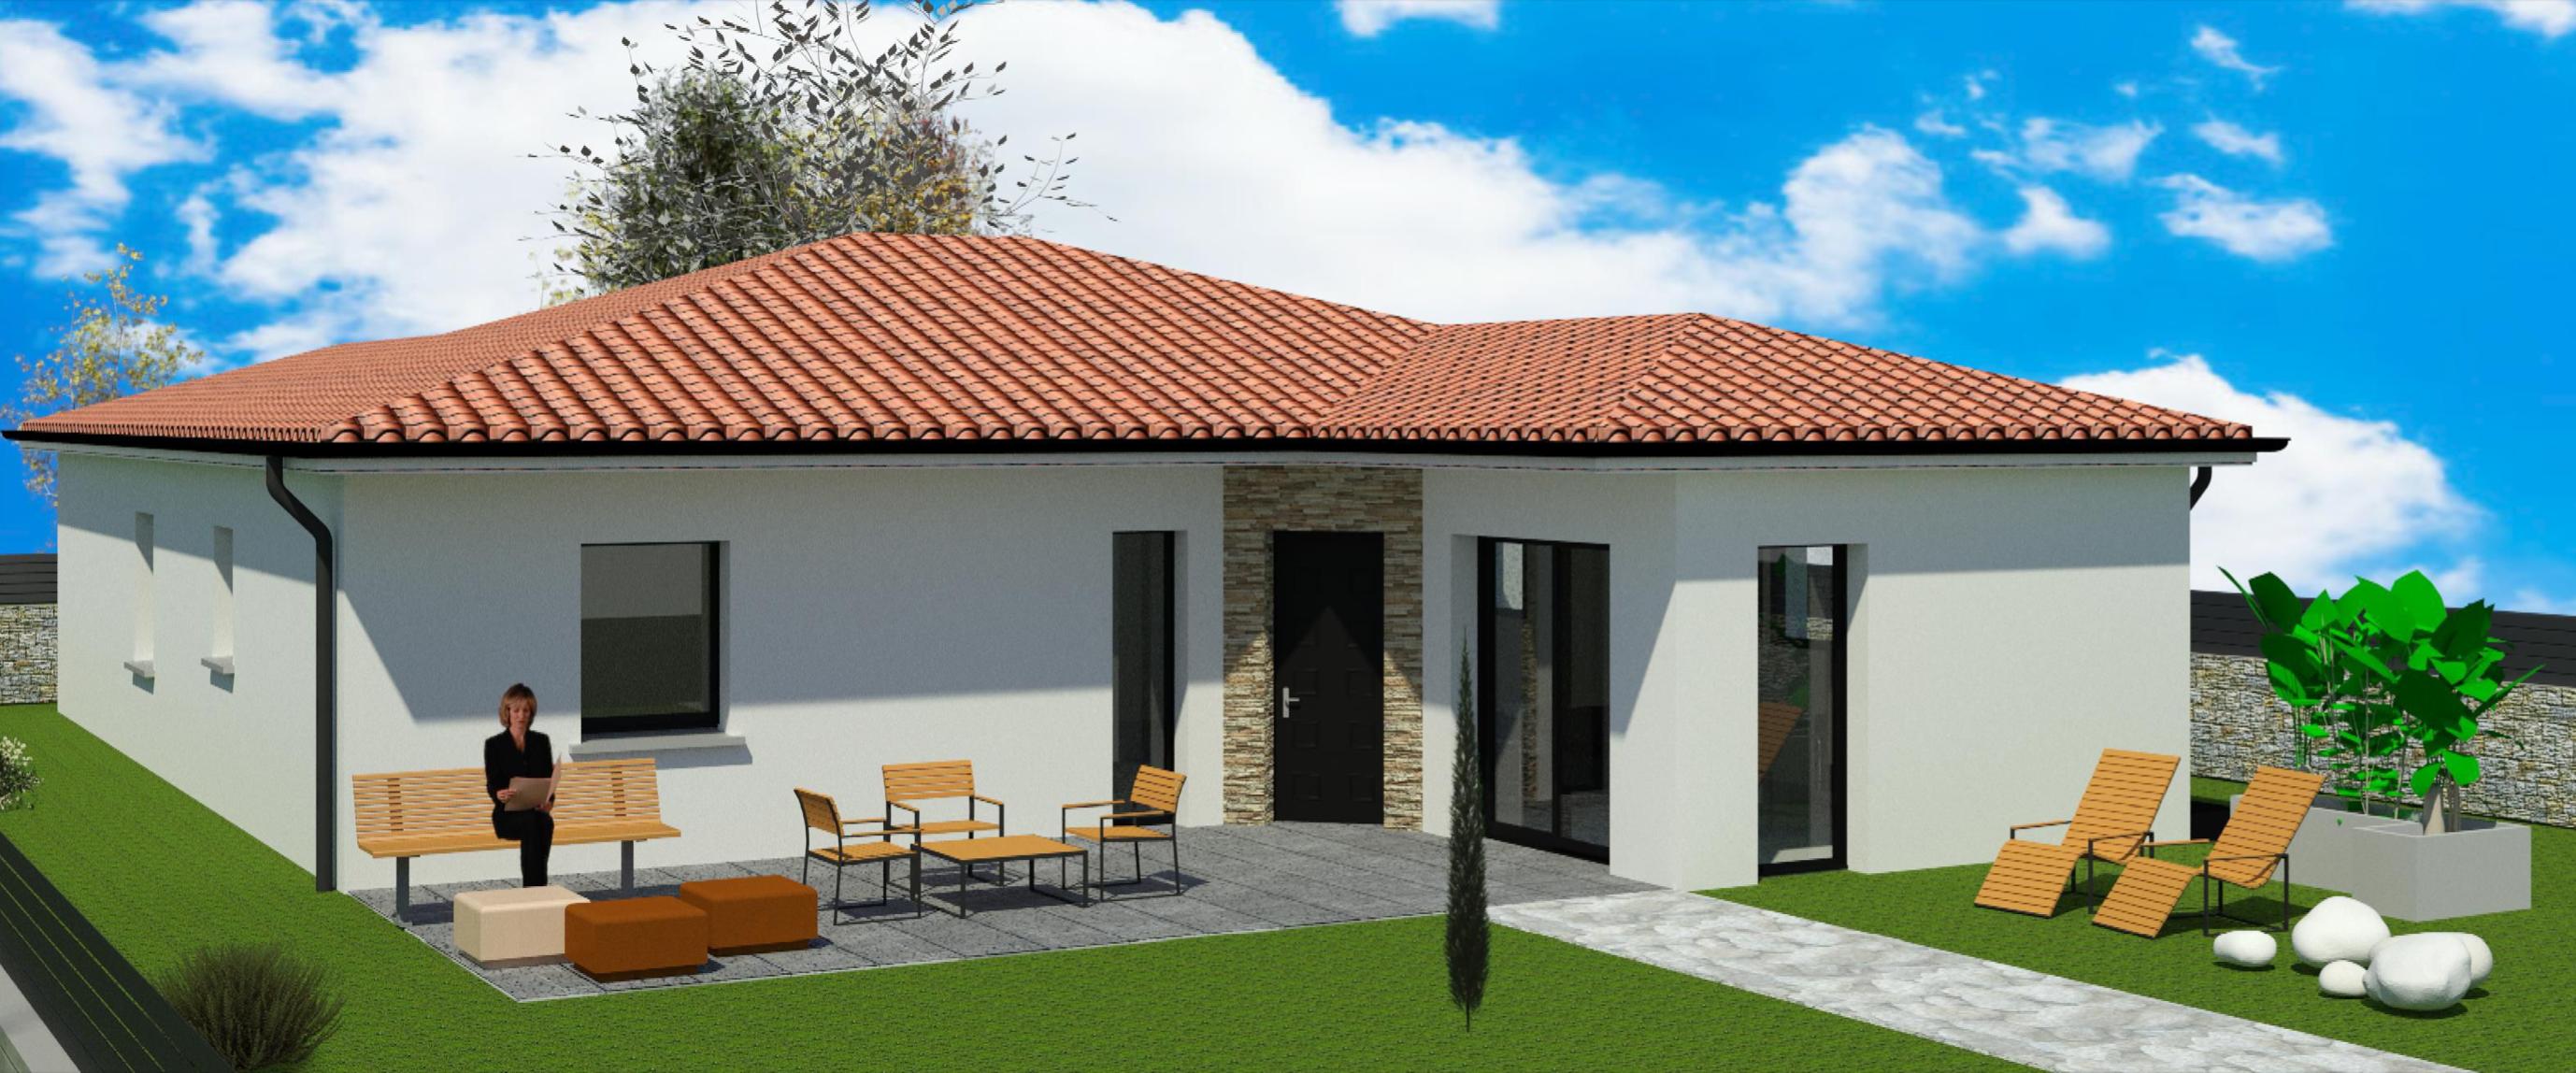 Maisons Bastide – Secteur de Riom – Avant projet